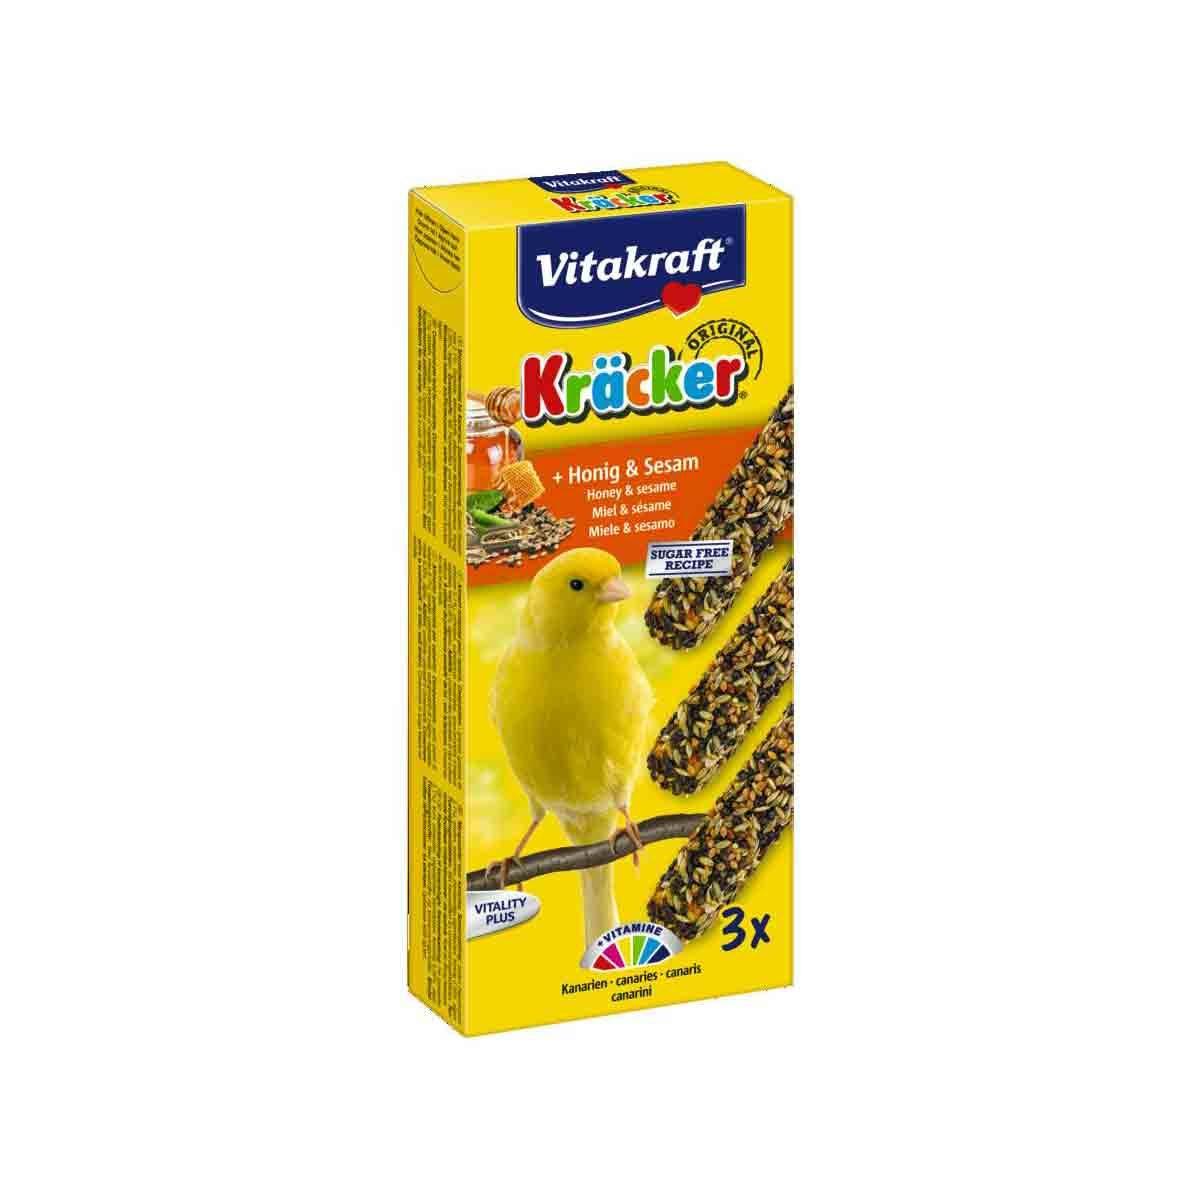 Vitakraft Trio Mix kräcker Vogelsnack Kanarie 3in1 Honing Sesam